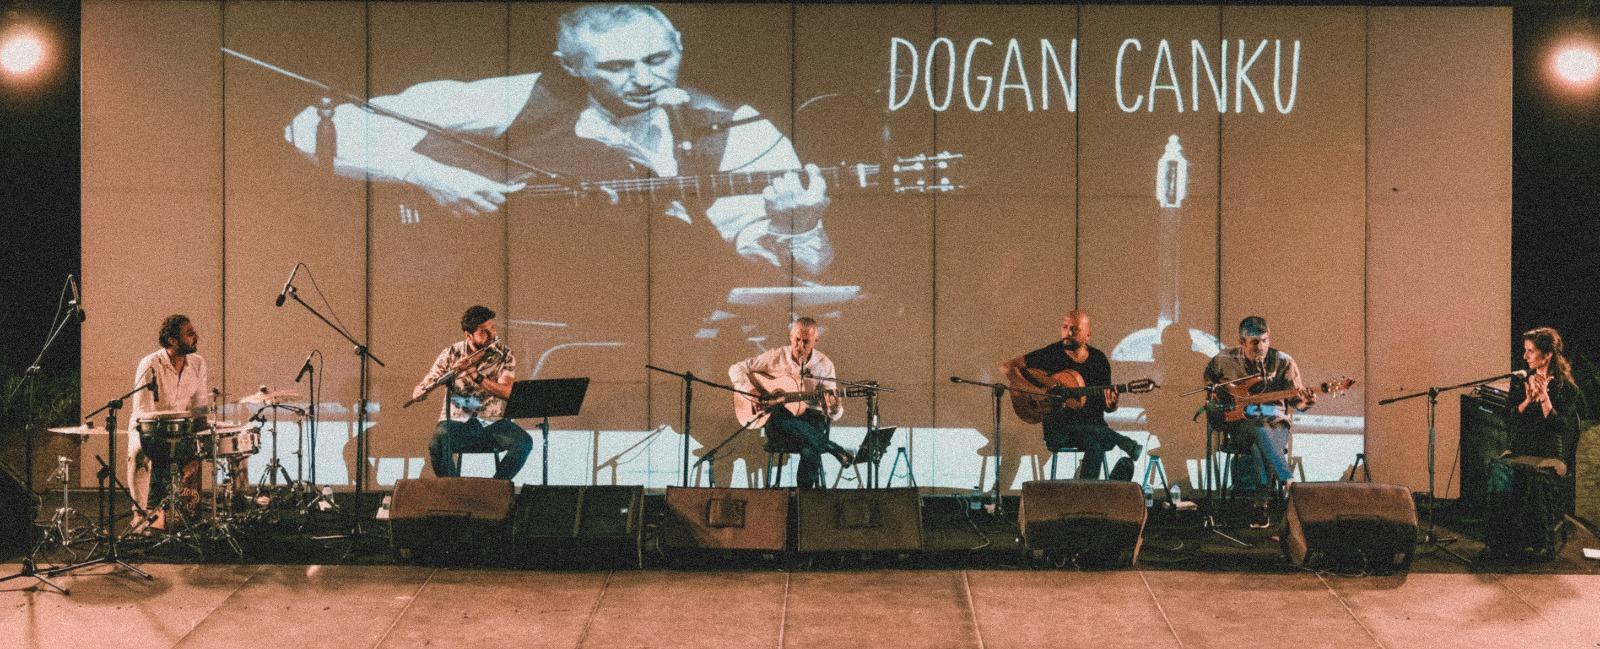 DOGAN CANKU